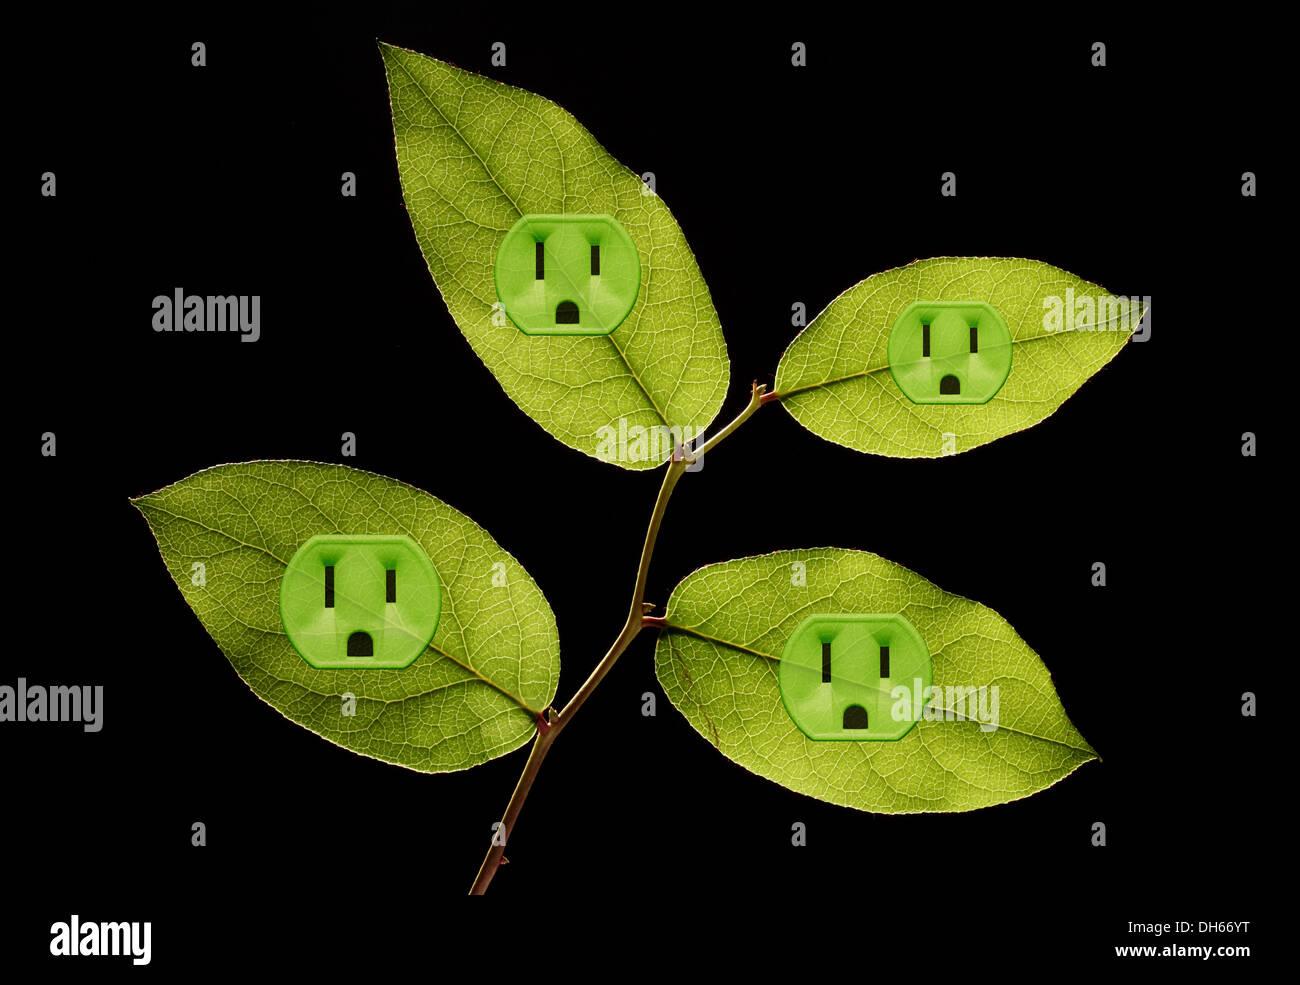 Vier grüne Blätter mit grünen farbigen Steckdosen hinzugefügt. Schwarzem Hintergrund Stockbild